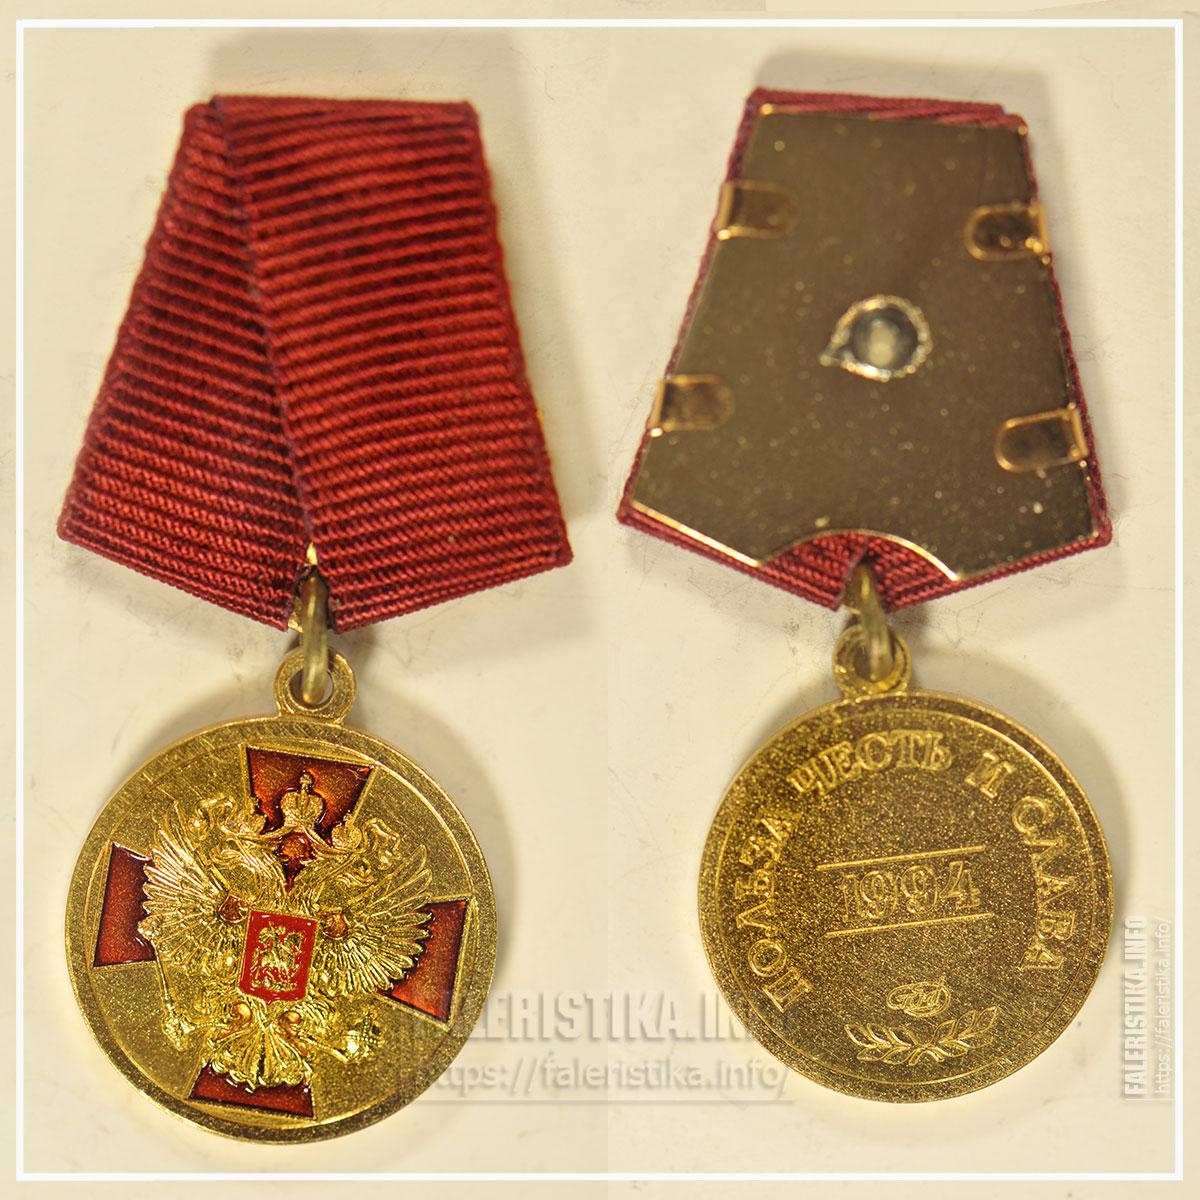 Медаль ордена «За заслуги перед Отечеством» I степени. Миниатюрная копия знака (фрачник). Санкт-Петербургский монетный двор